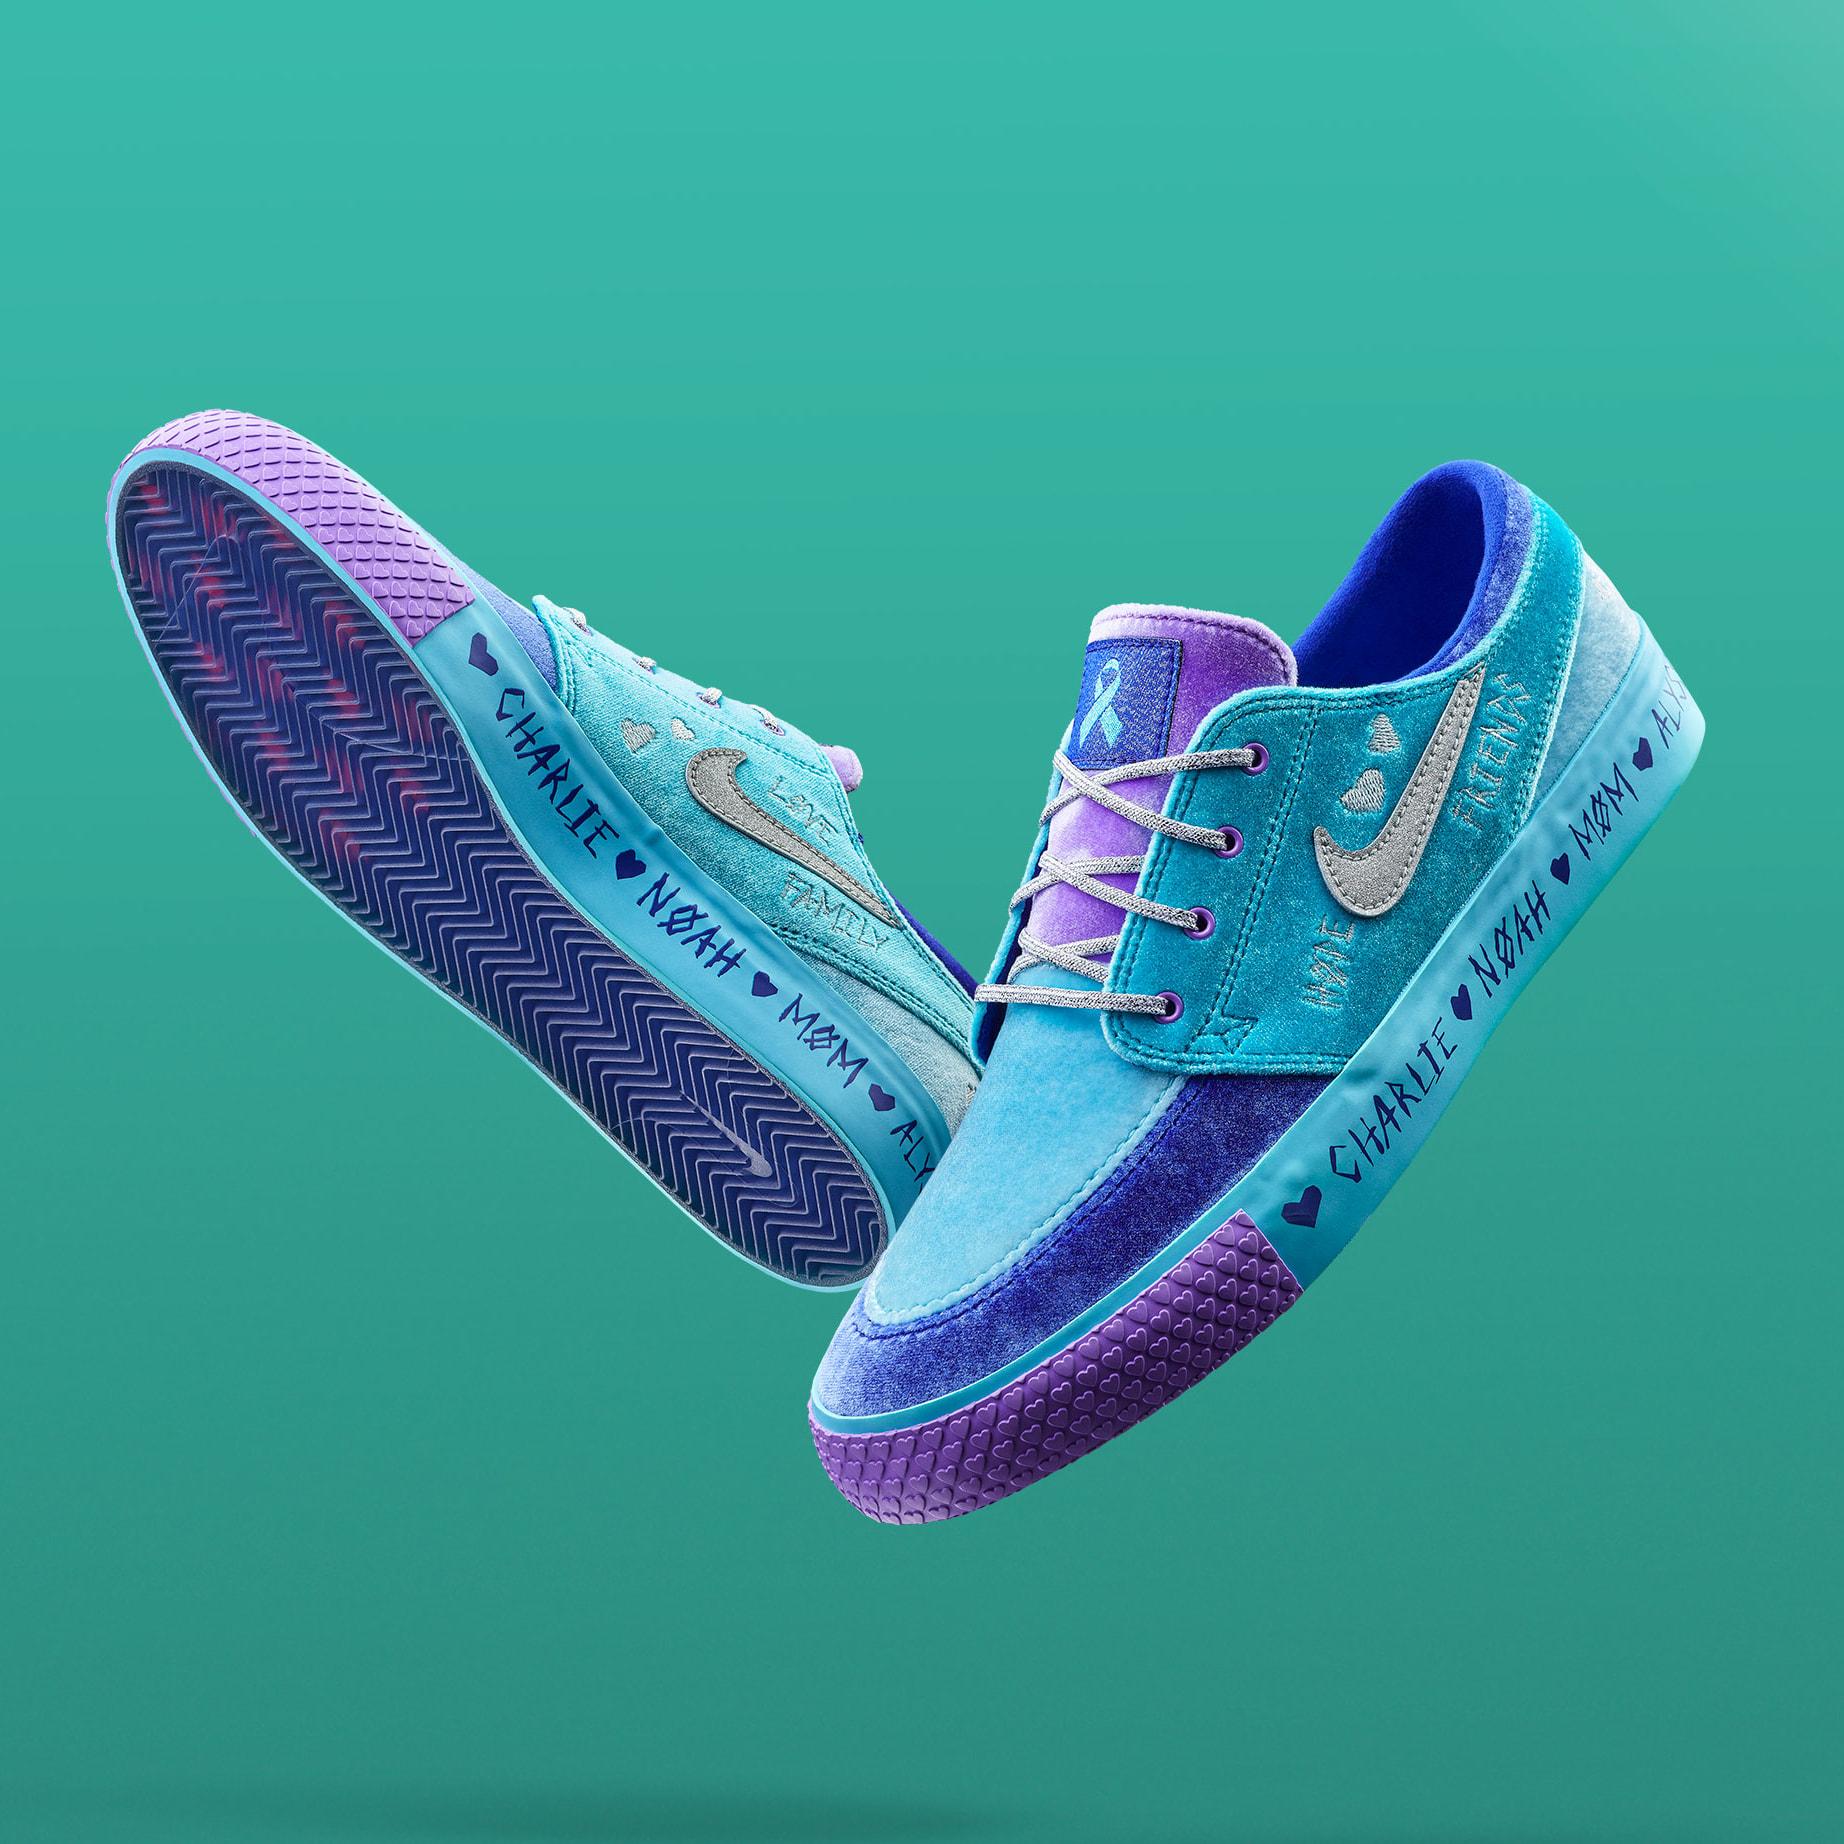 Nike SB Zoom Stefan Janoski Doernbecher by Desiree Castillo